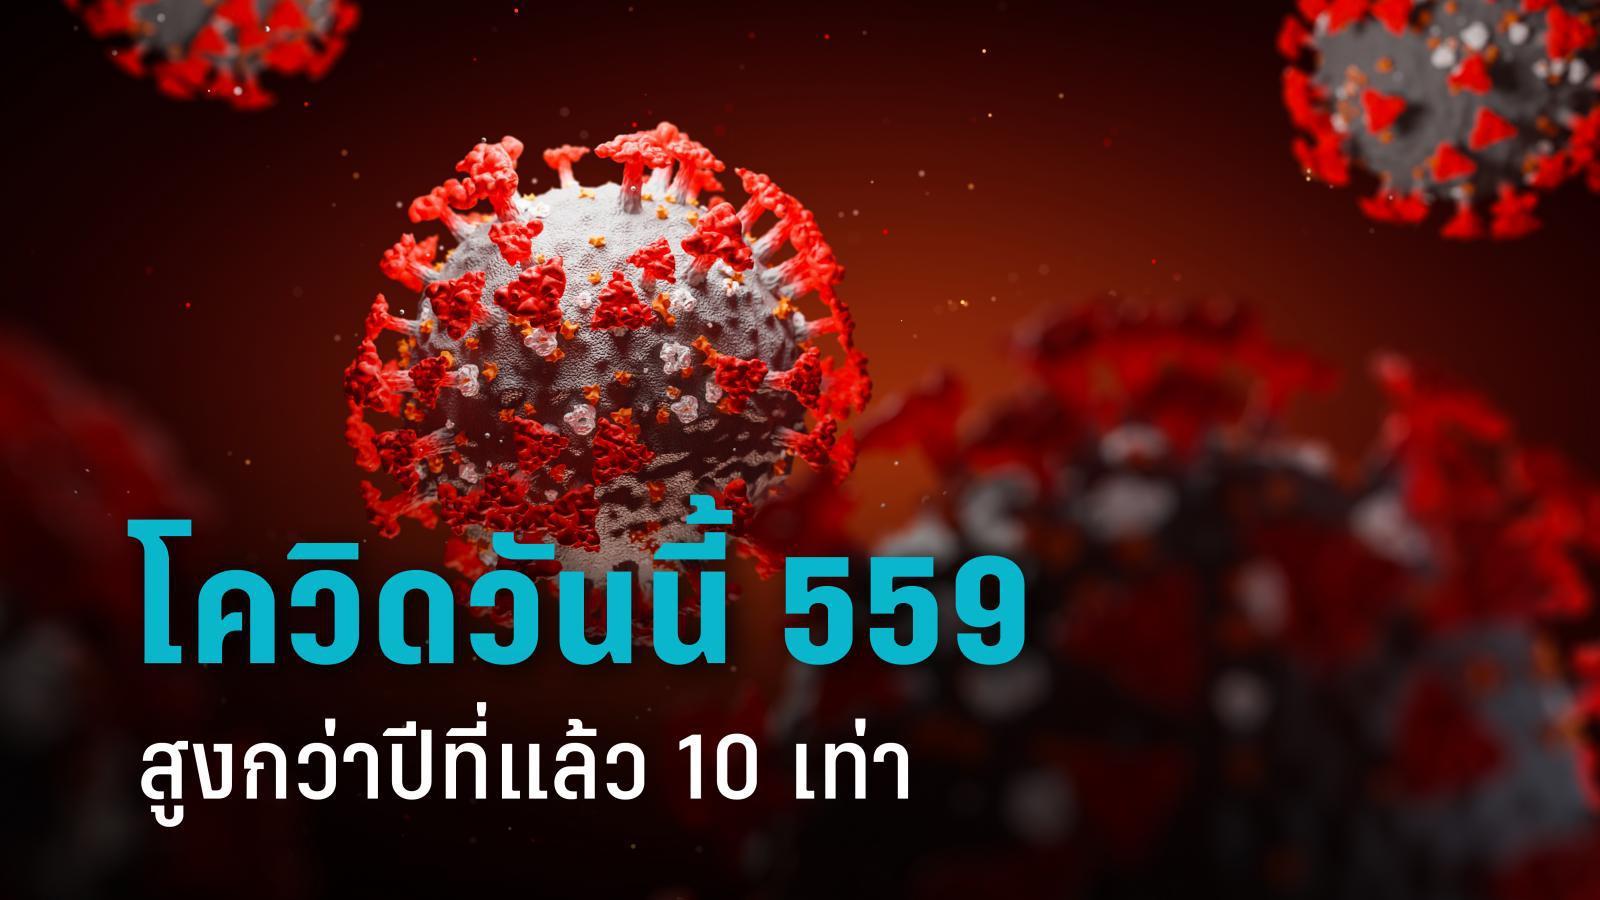 ศบค.เผยยอดโควิด-19 พุ่ง 559 ราย สูงกว่าปีที่แล้ว 10 เท่าตัว